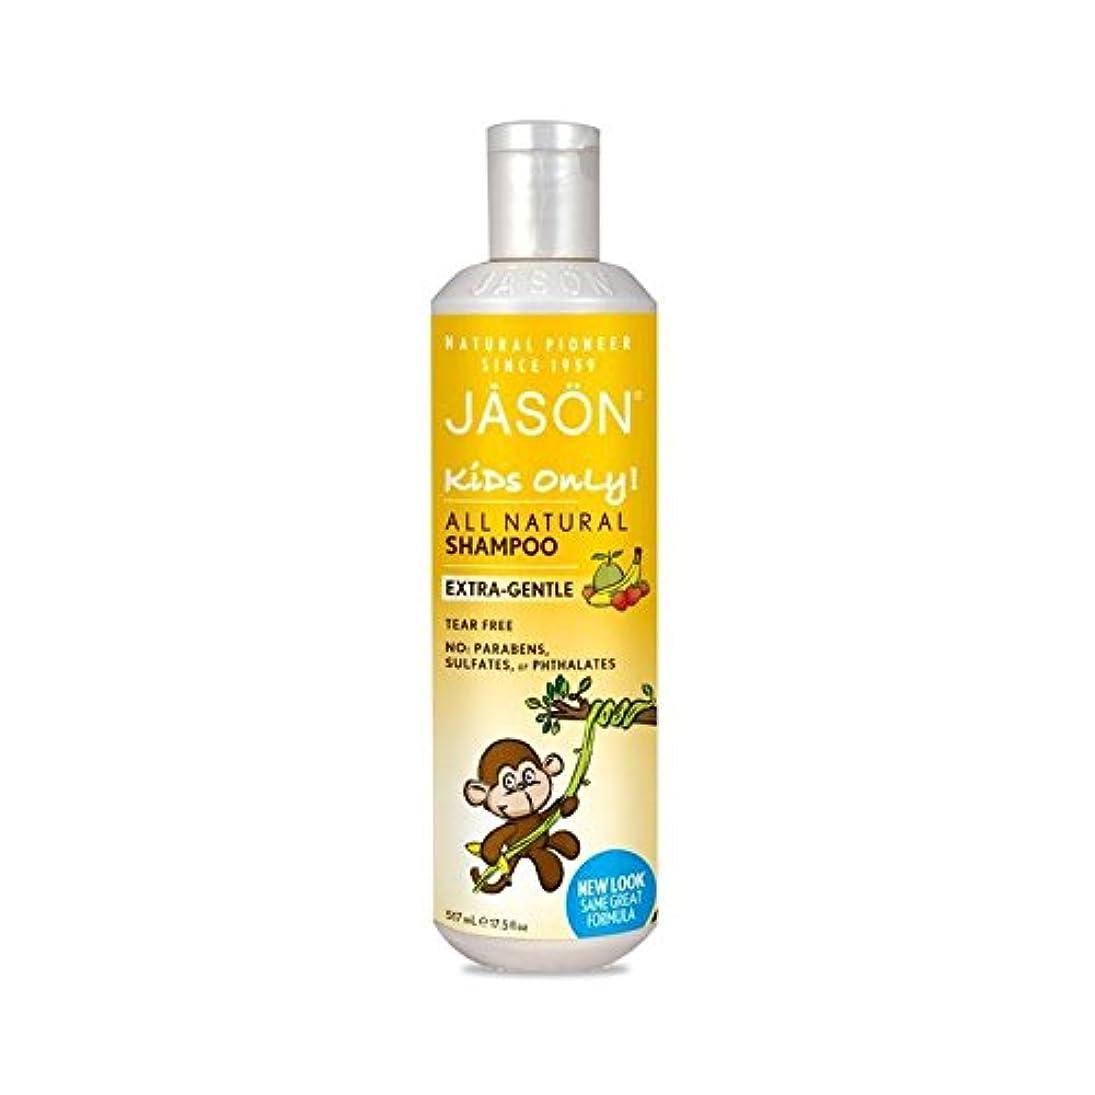 抜粋力強い環境子供だけシャンプー517ミリリットル (Jason) - Jason Kids Only Shampoo 517ml [並行輸入品]